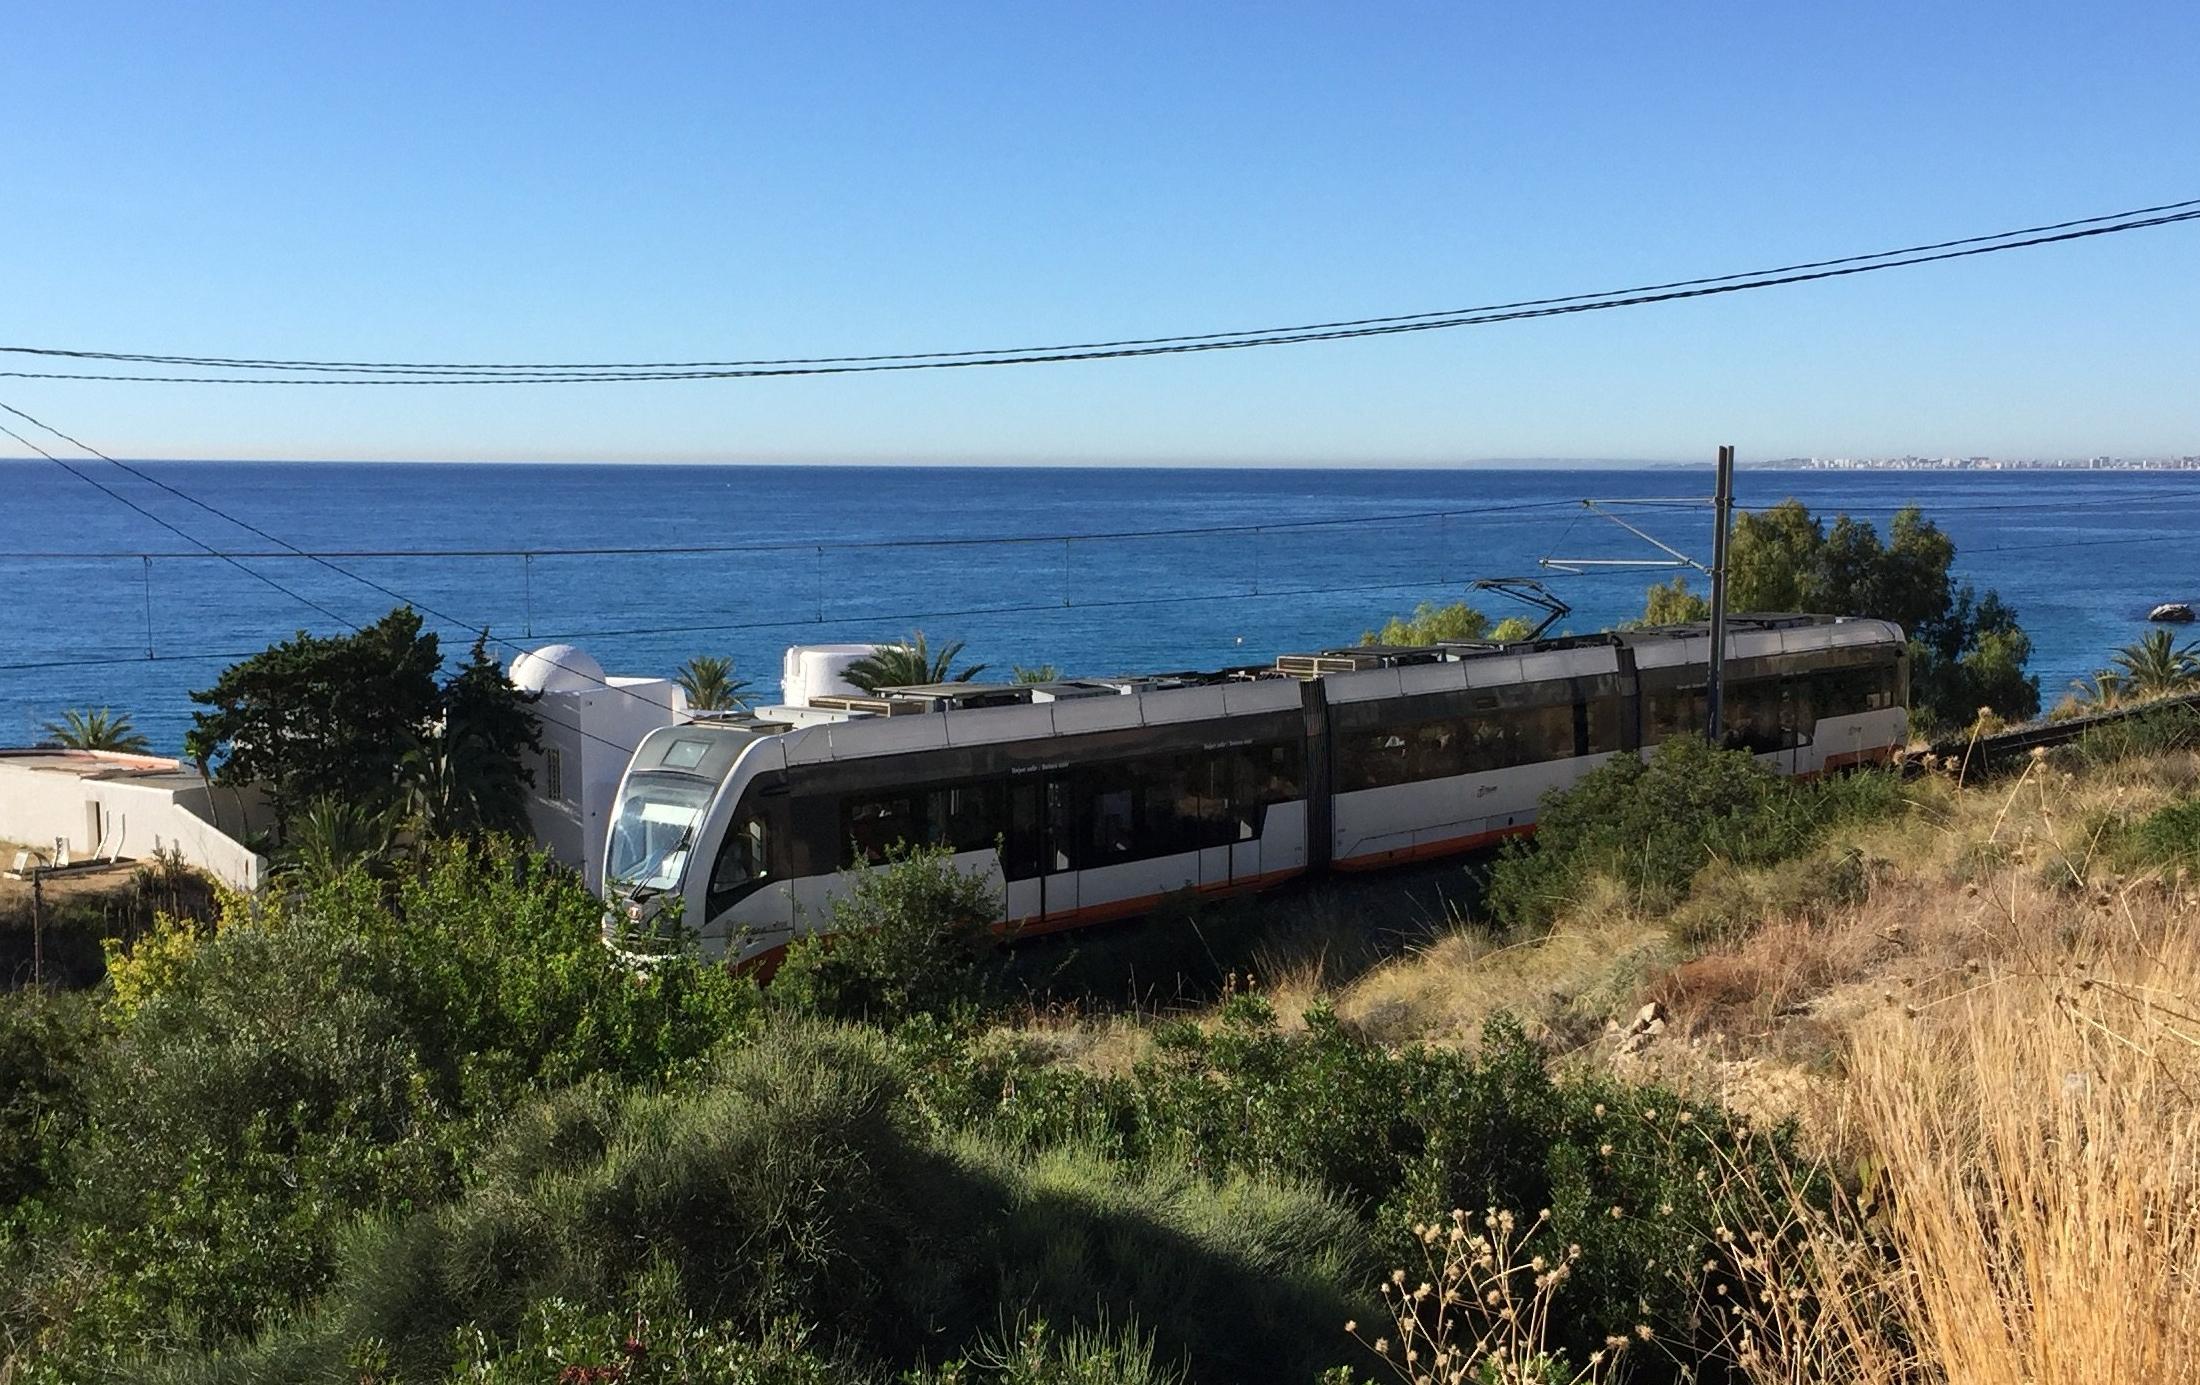 The tram from Alicante - Benidorm